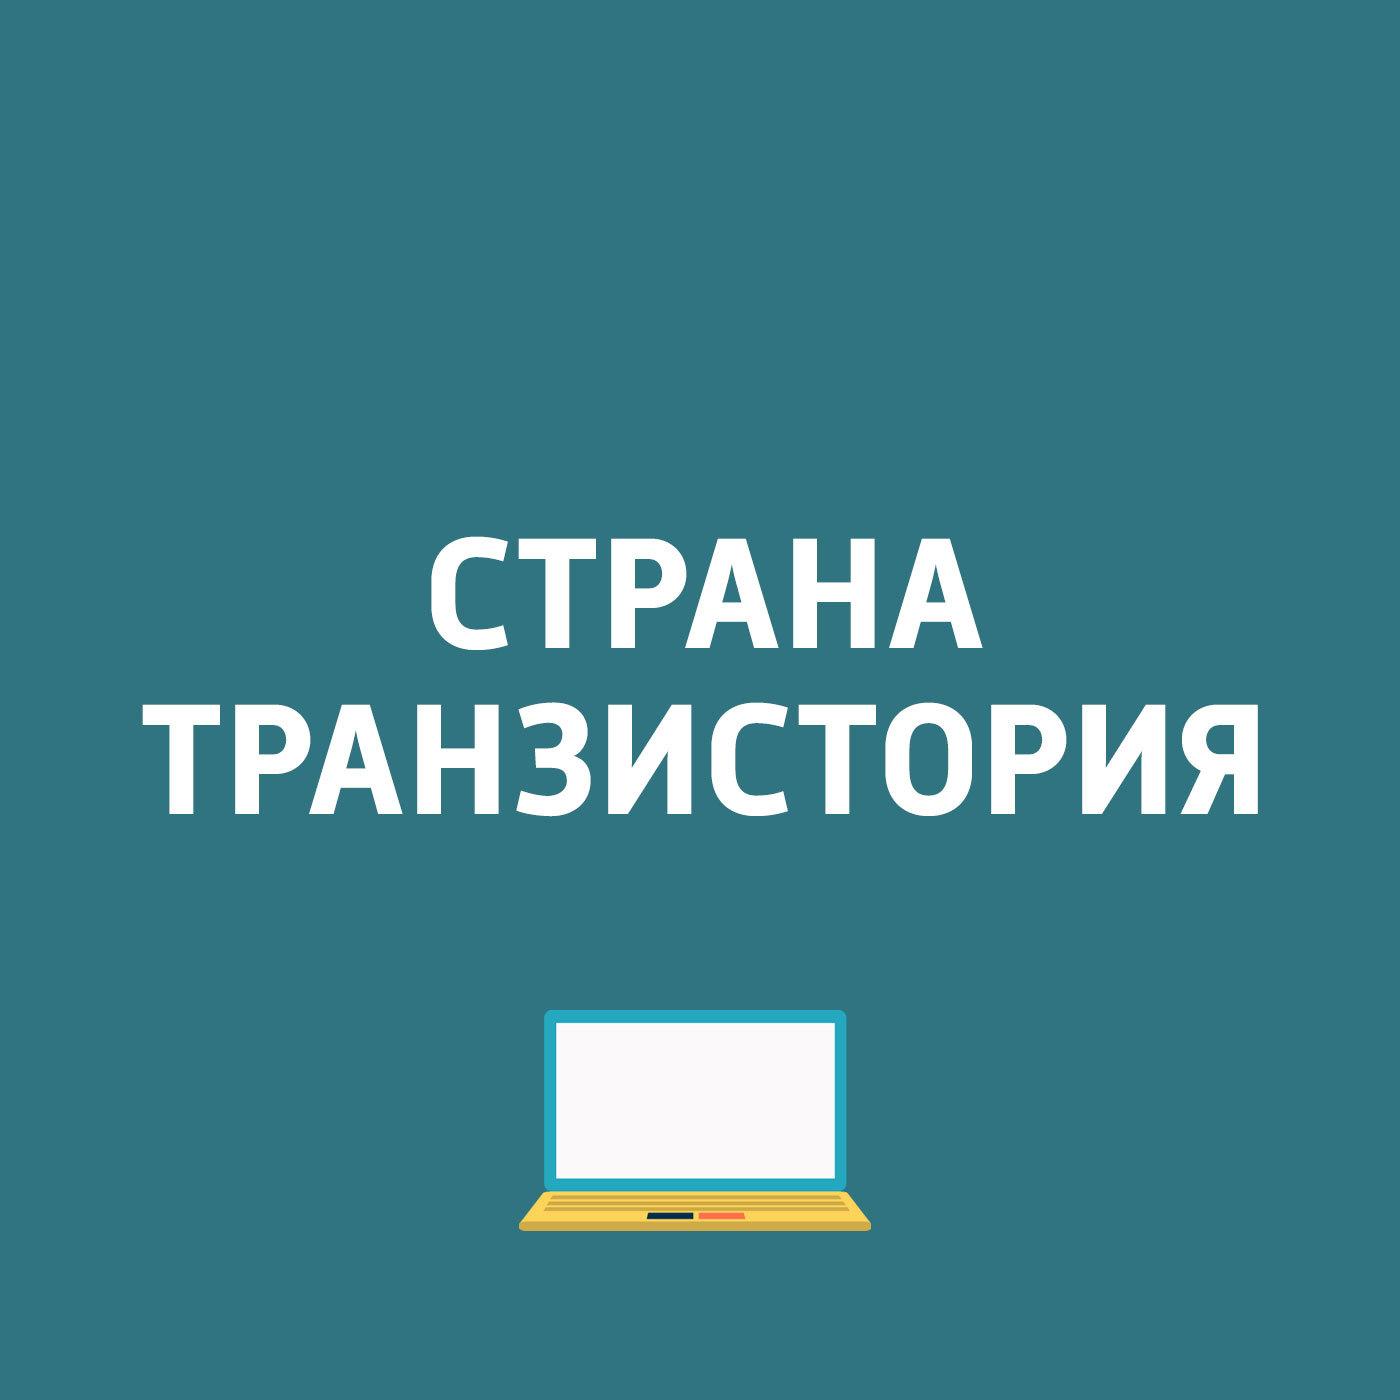 Картаев Павел Galaxy A9, Яндекс.Панорамы, видеозвонки в WhatsApp картаев павел meizu 16 и 16 plus новая система пошлин при покупках в зарубежных интернет магазинах в яндекс драйв появятся машины бизнес класса